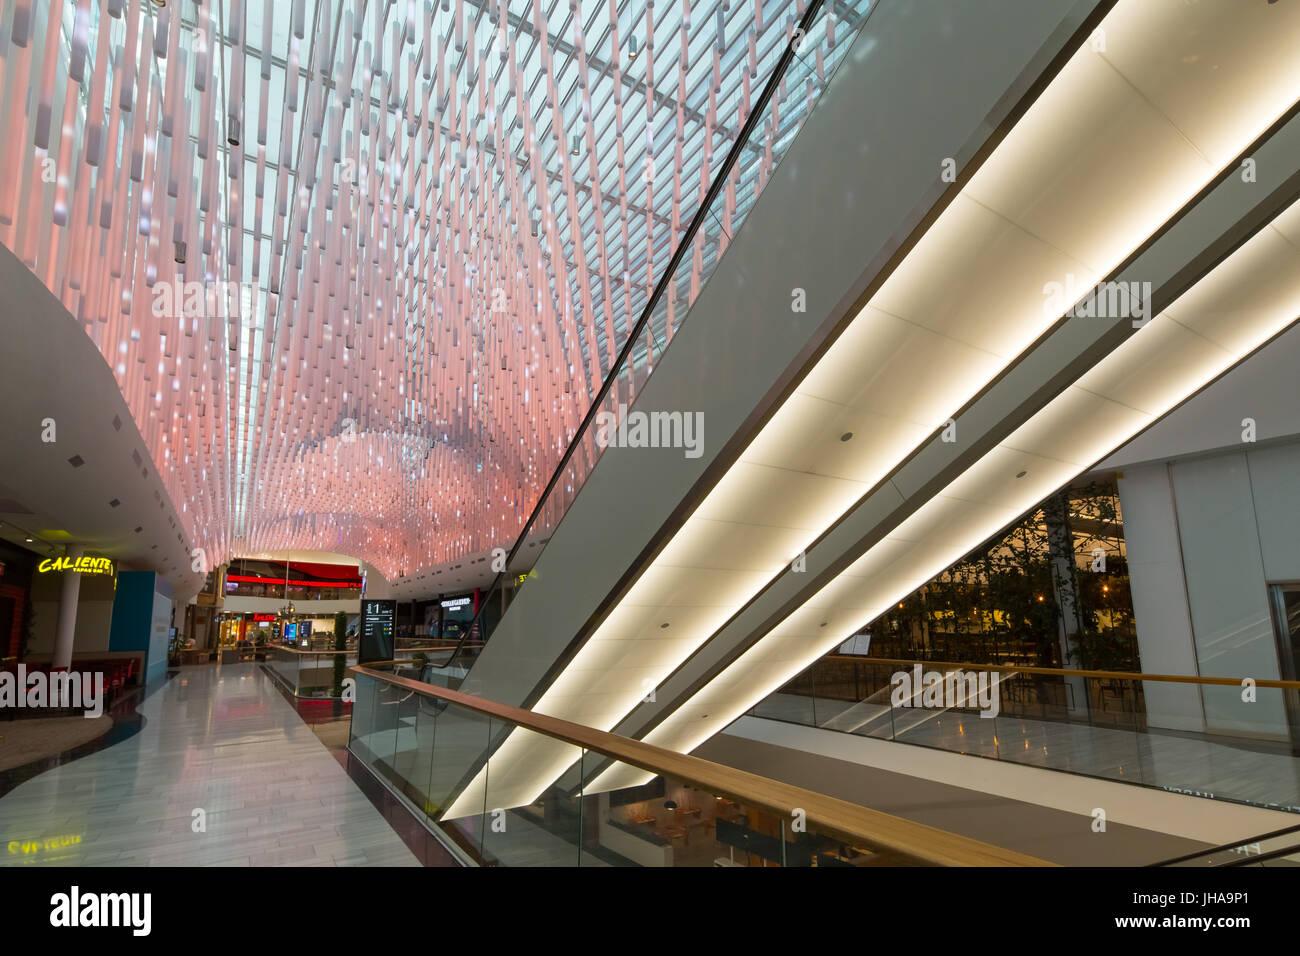 Inside Mall of Scandinavia, Solna, Sweden. - Stock Image